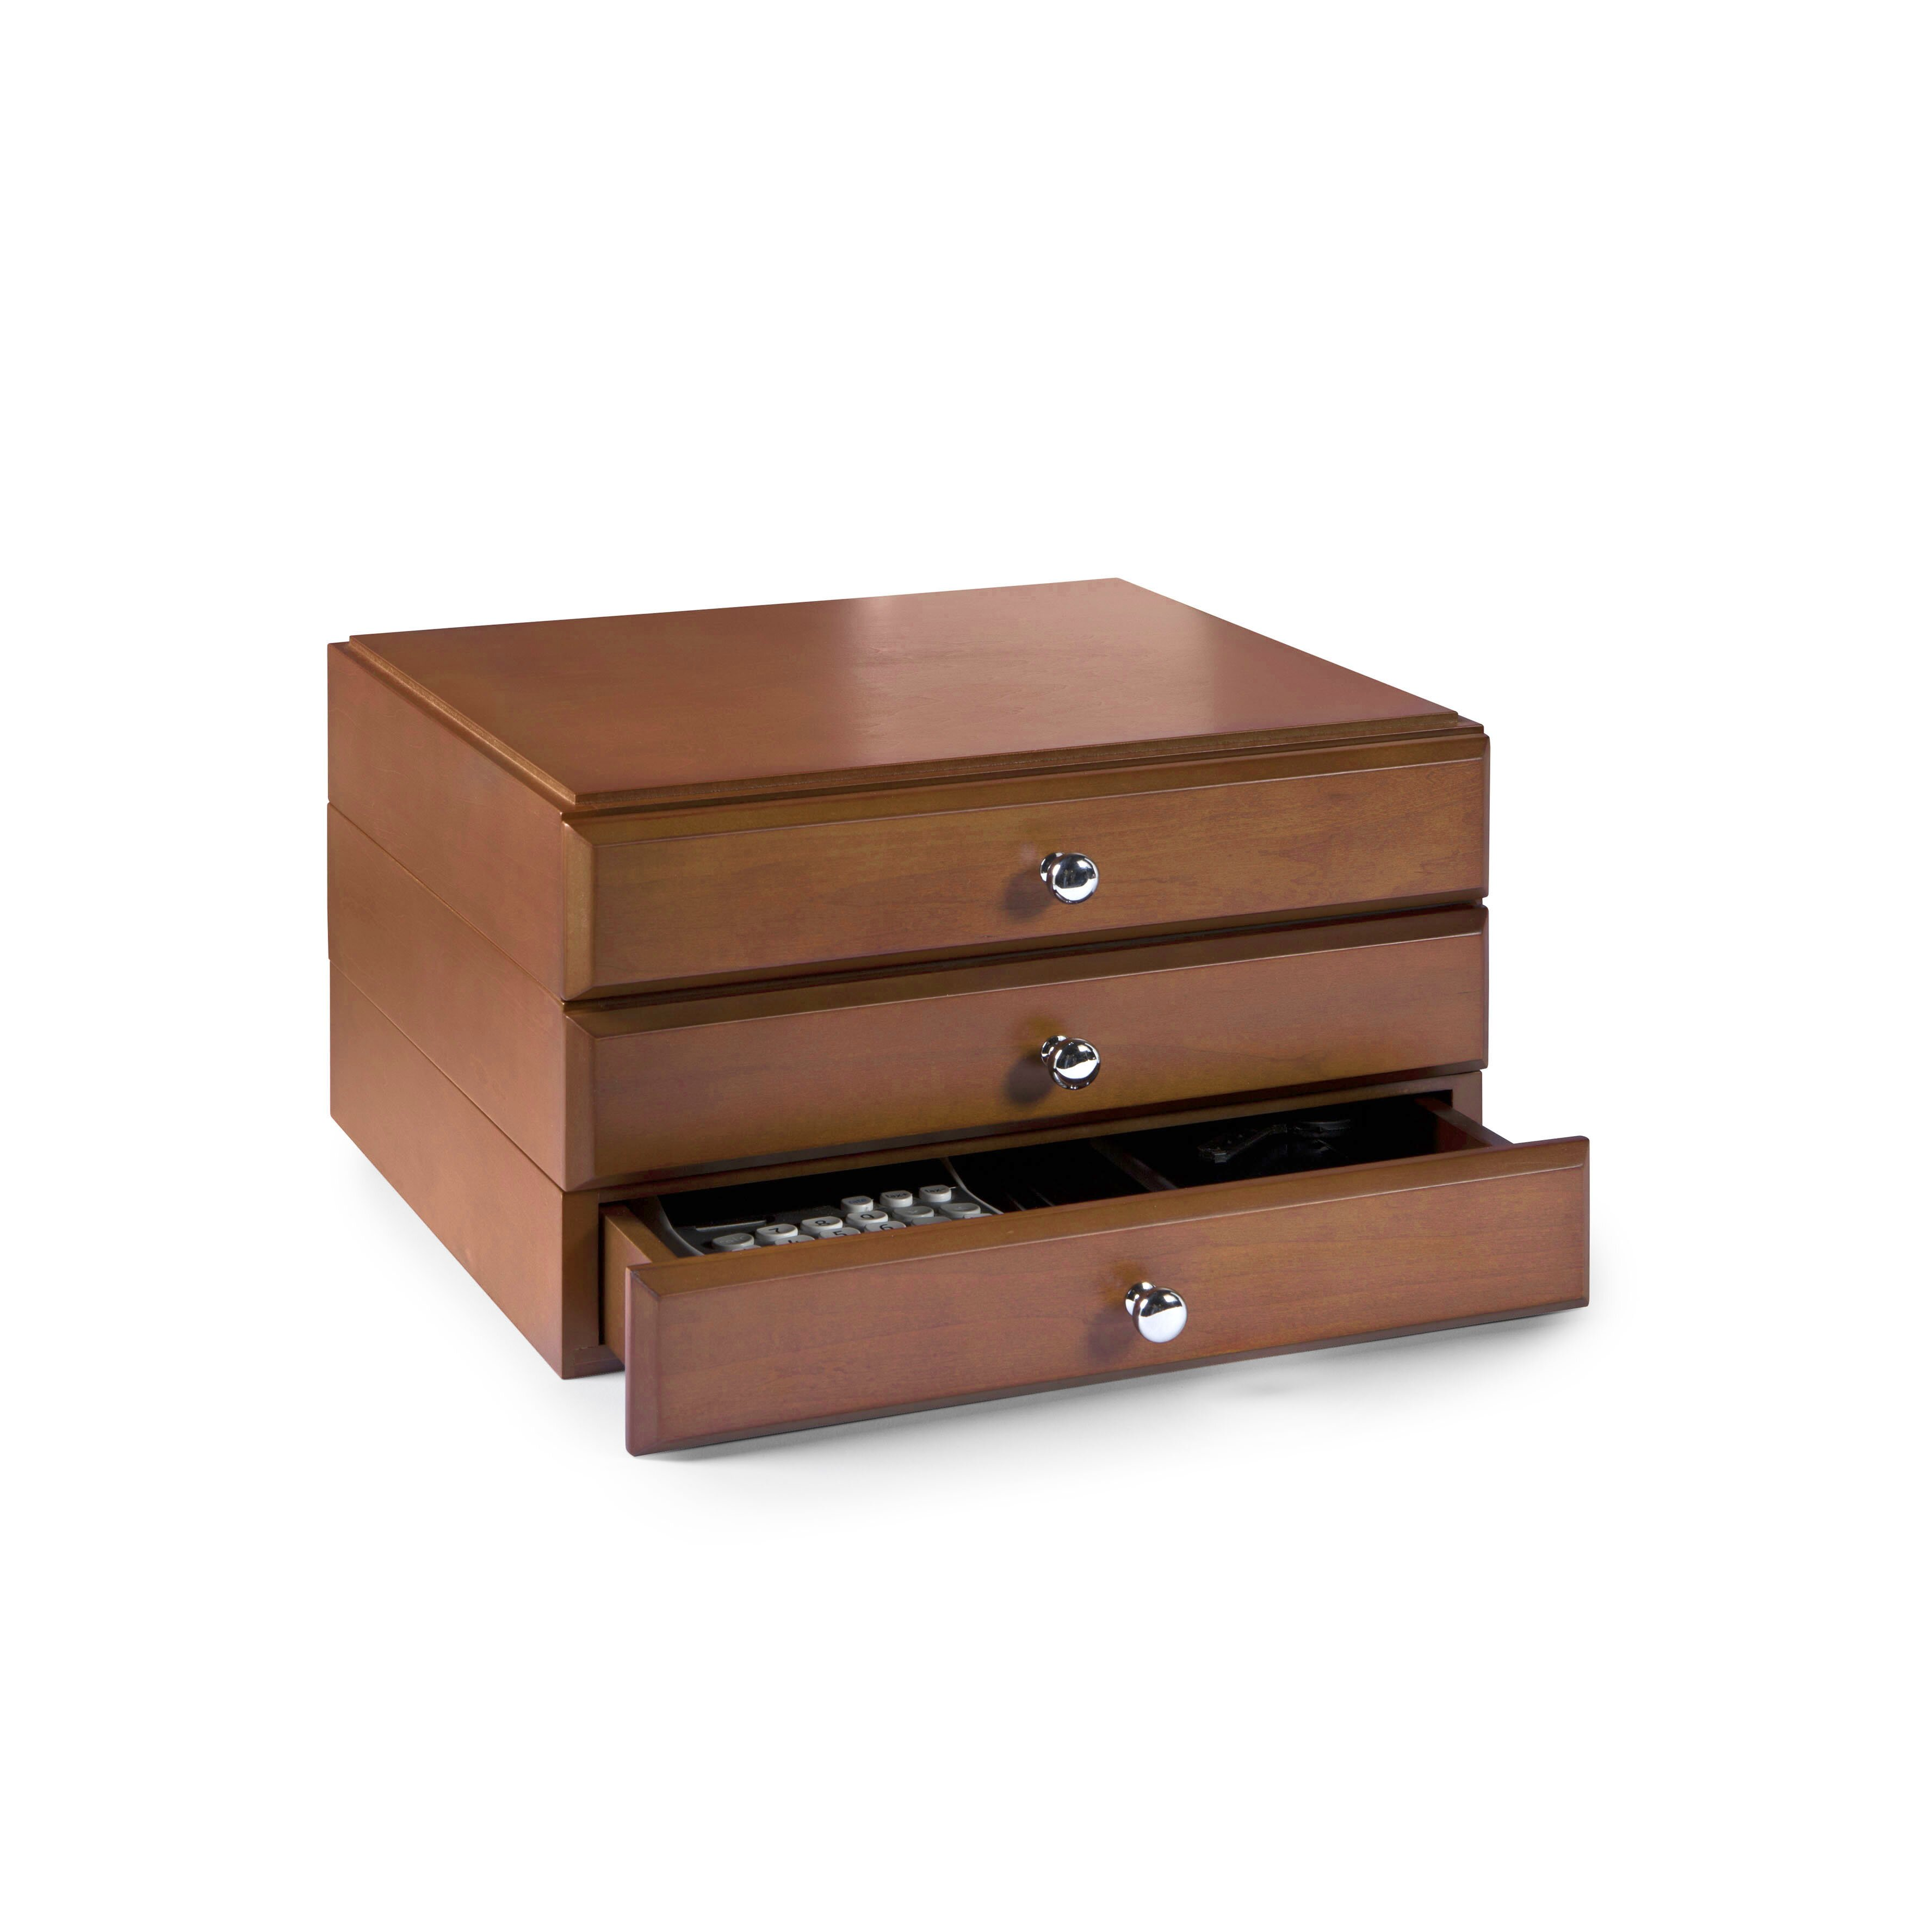 Bindertek Stacking Wood Desk Organizers 3 Supply Drawer